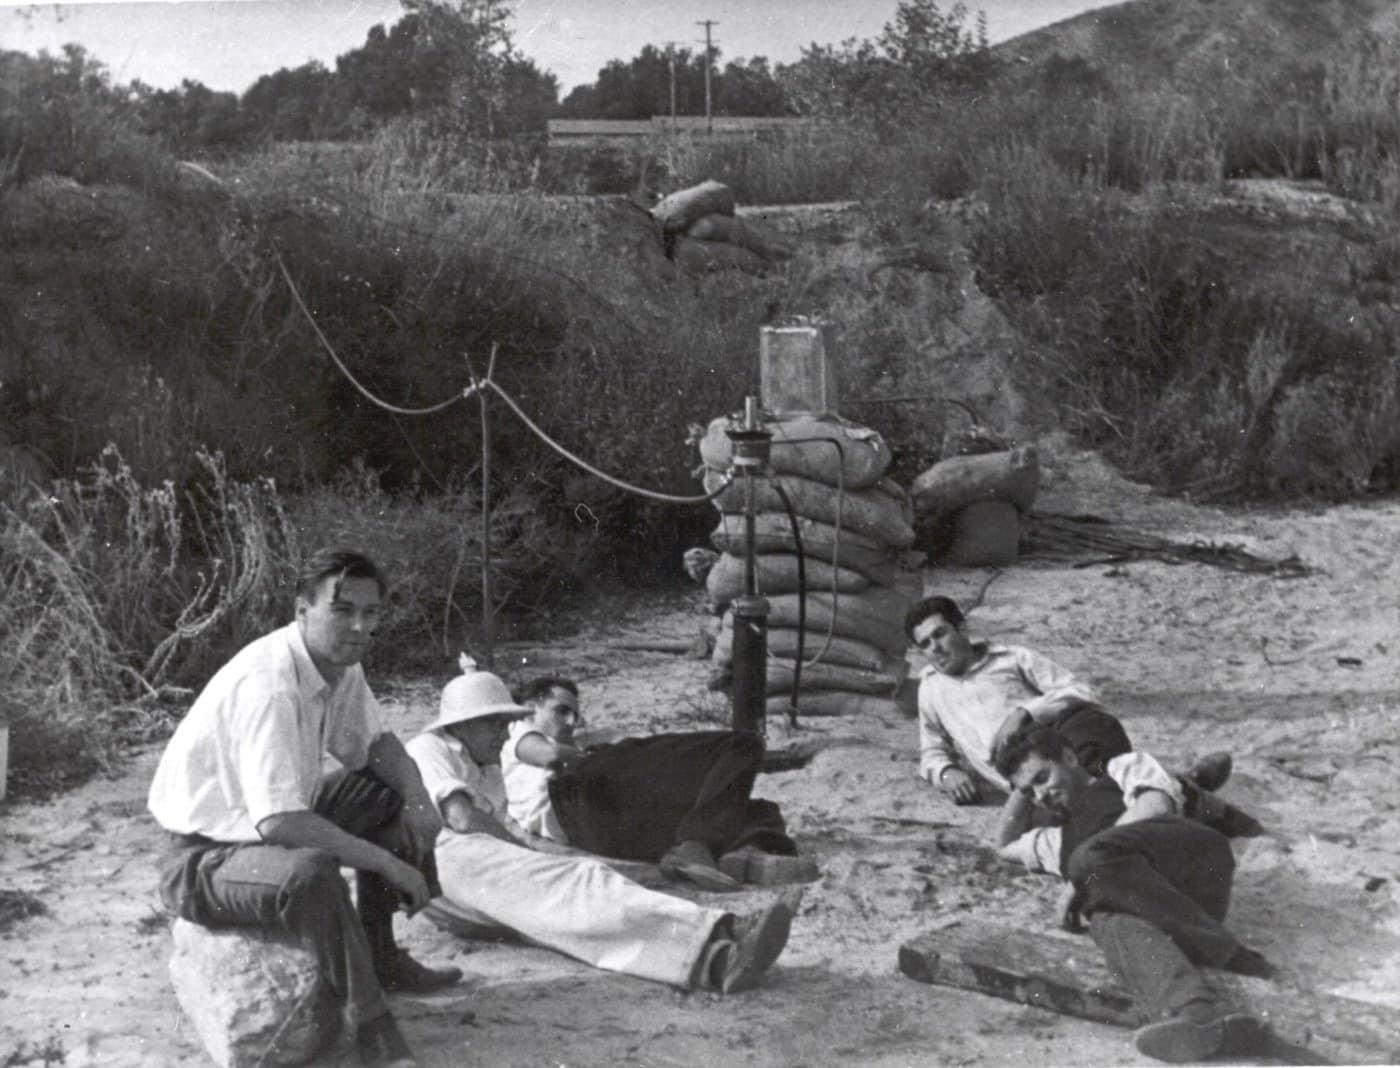 Caltech Rocket Boys